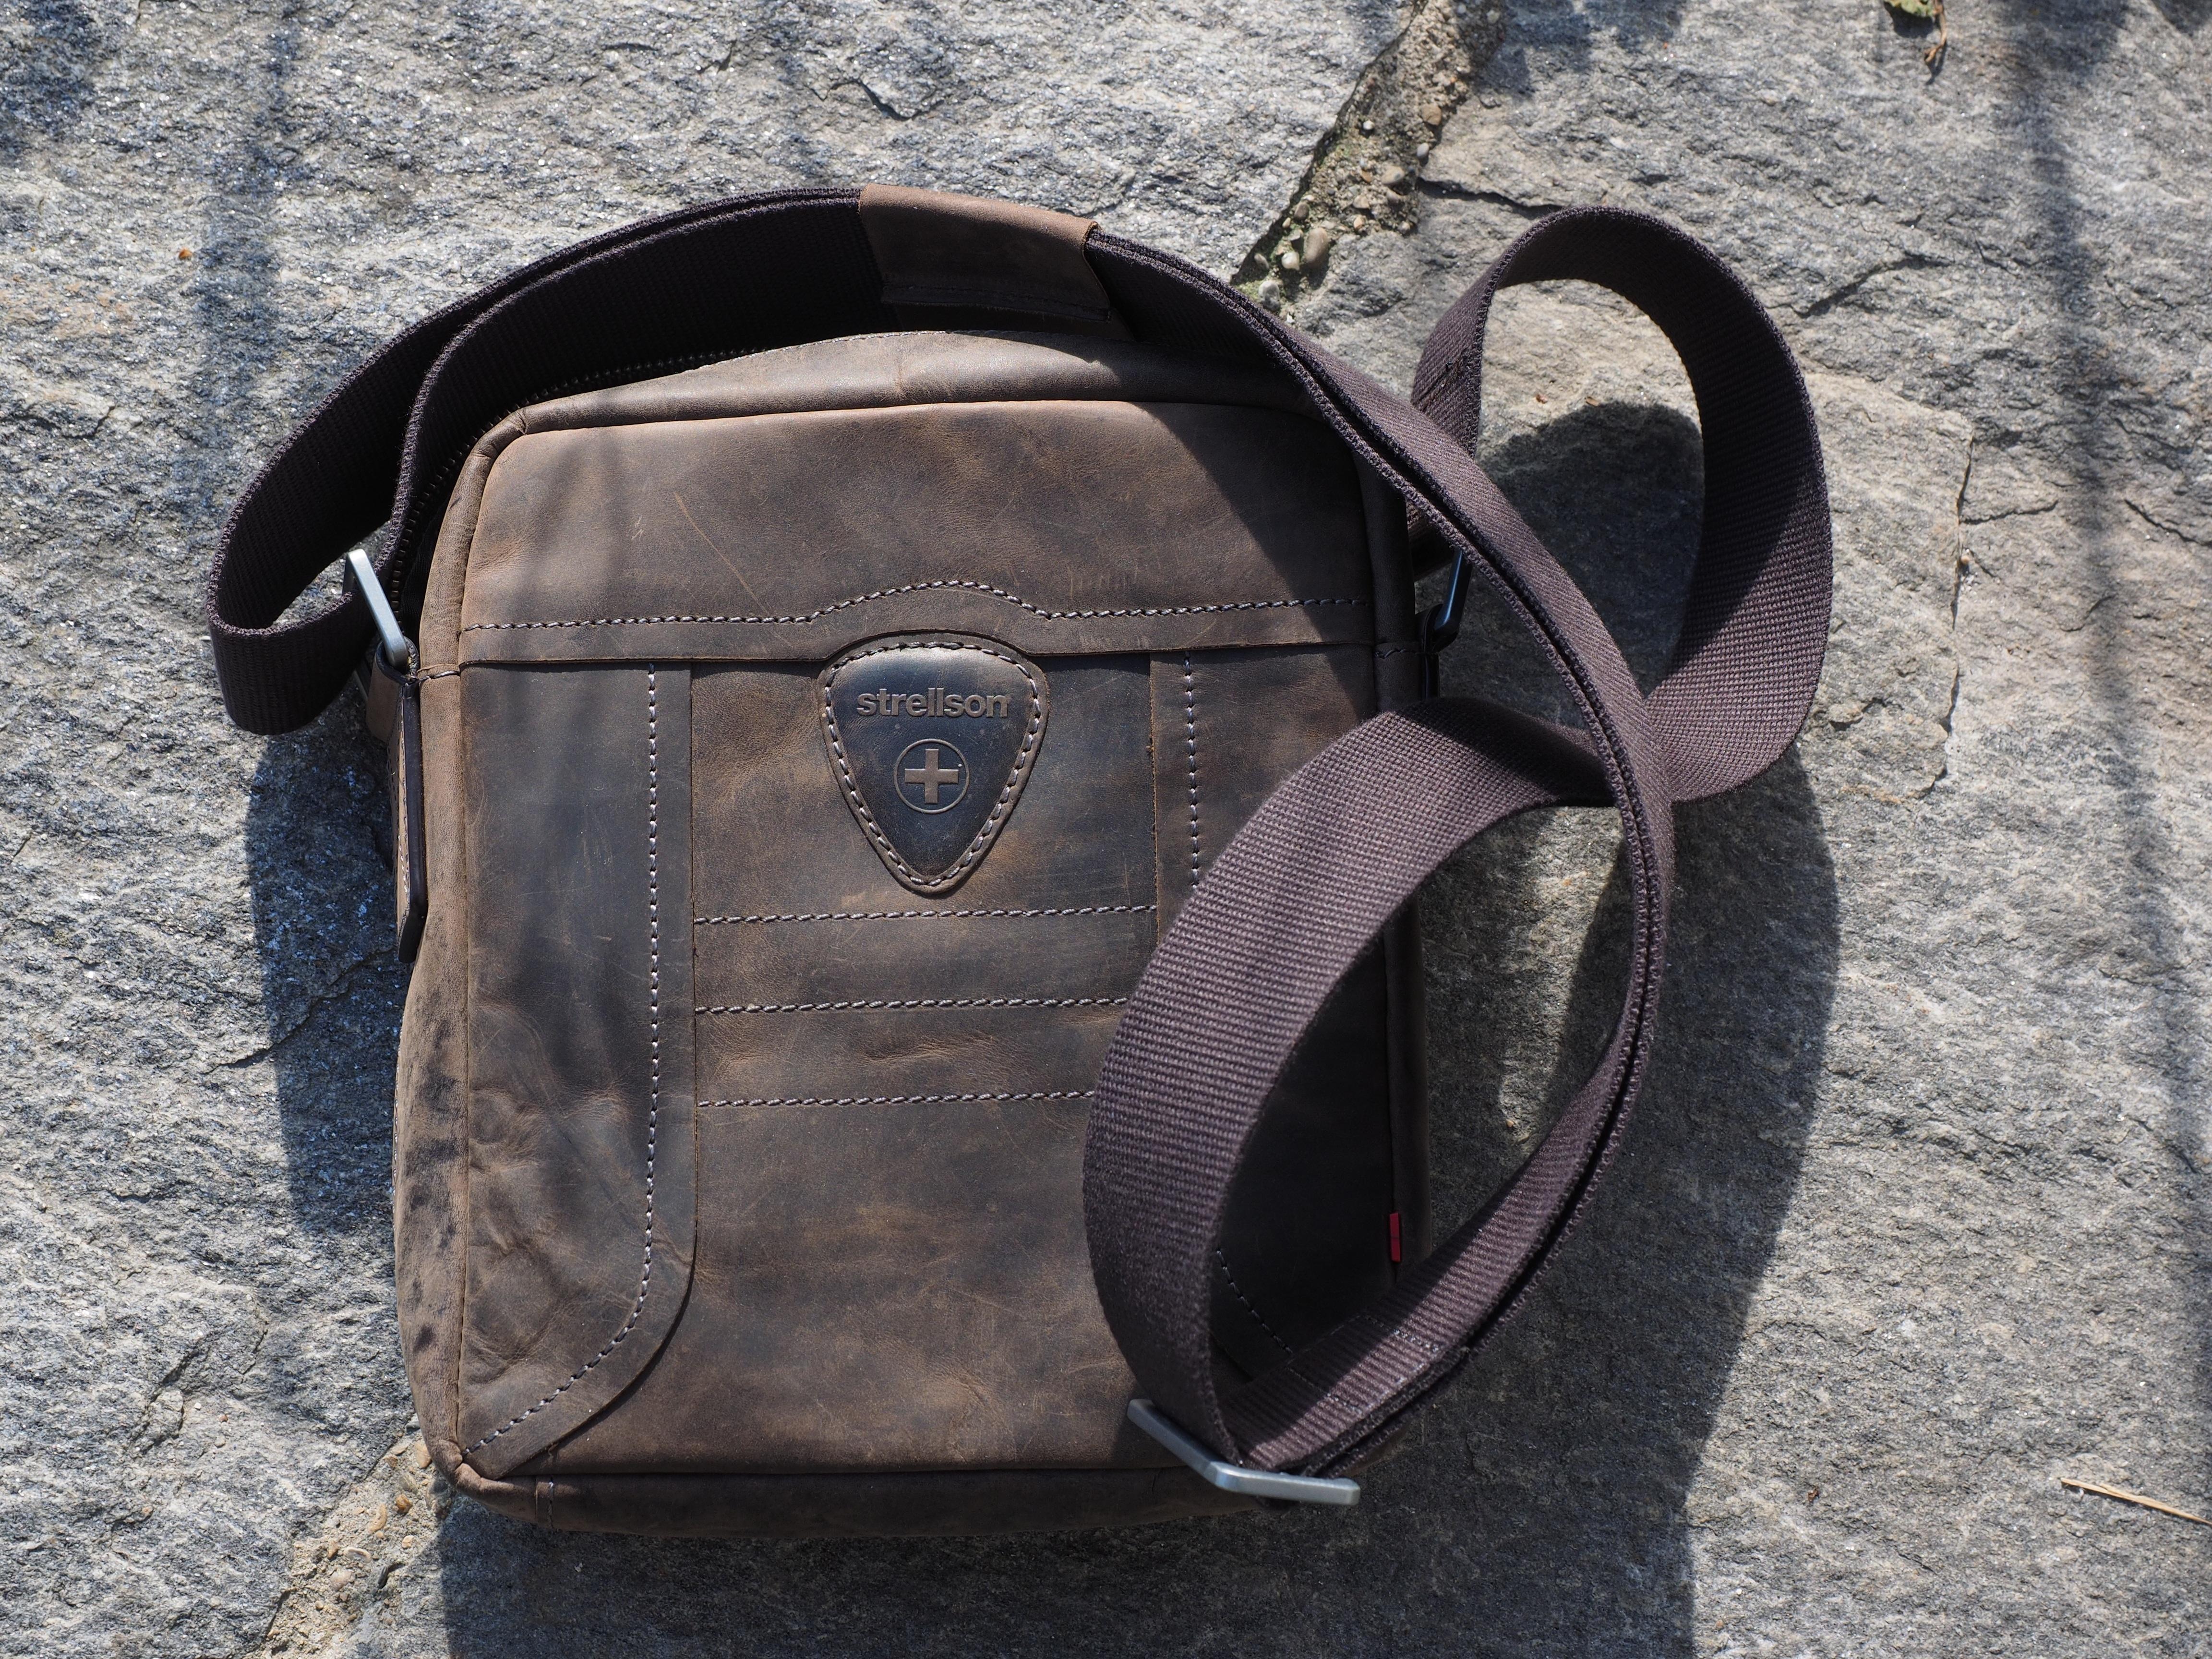 kulit tas tas tangan kekang produk leather case taktik kuda strellson